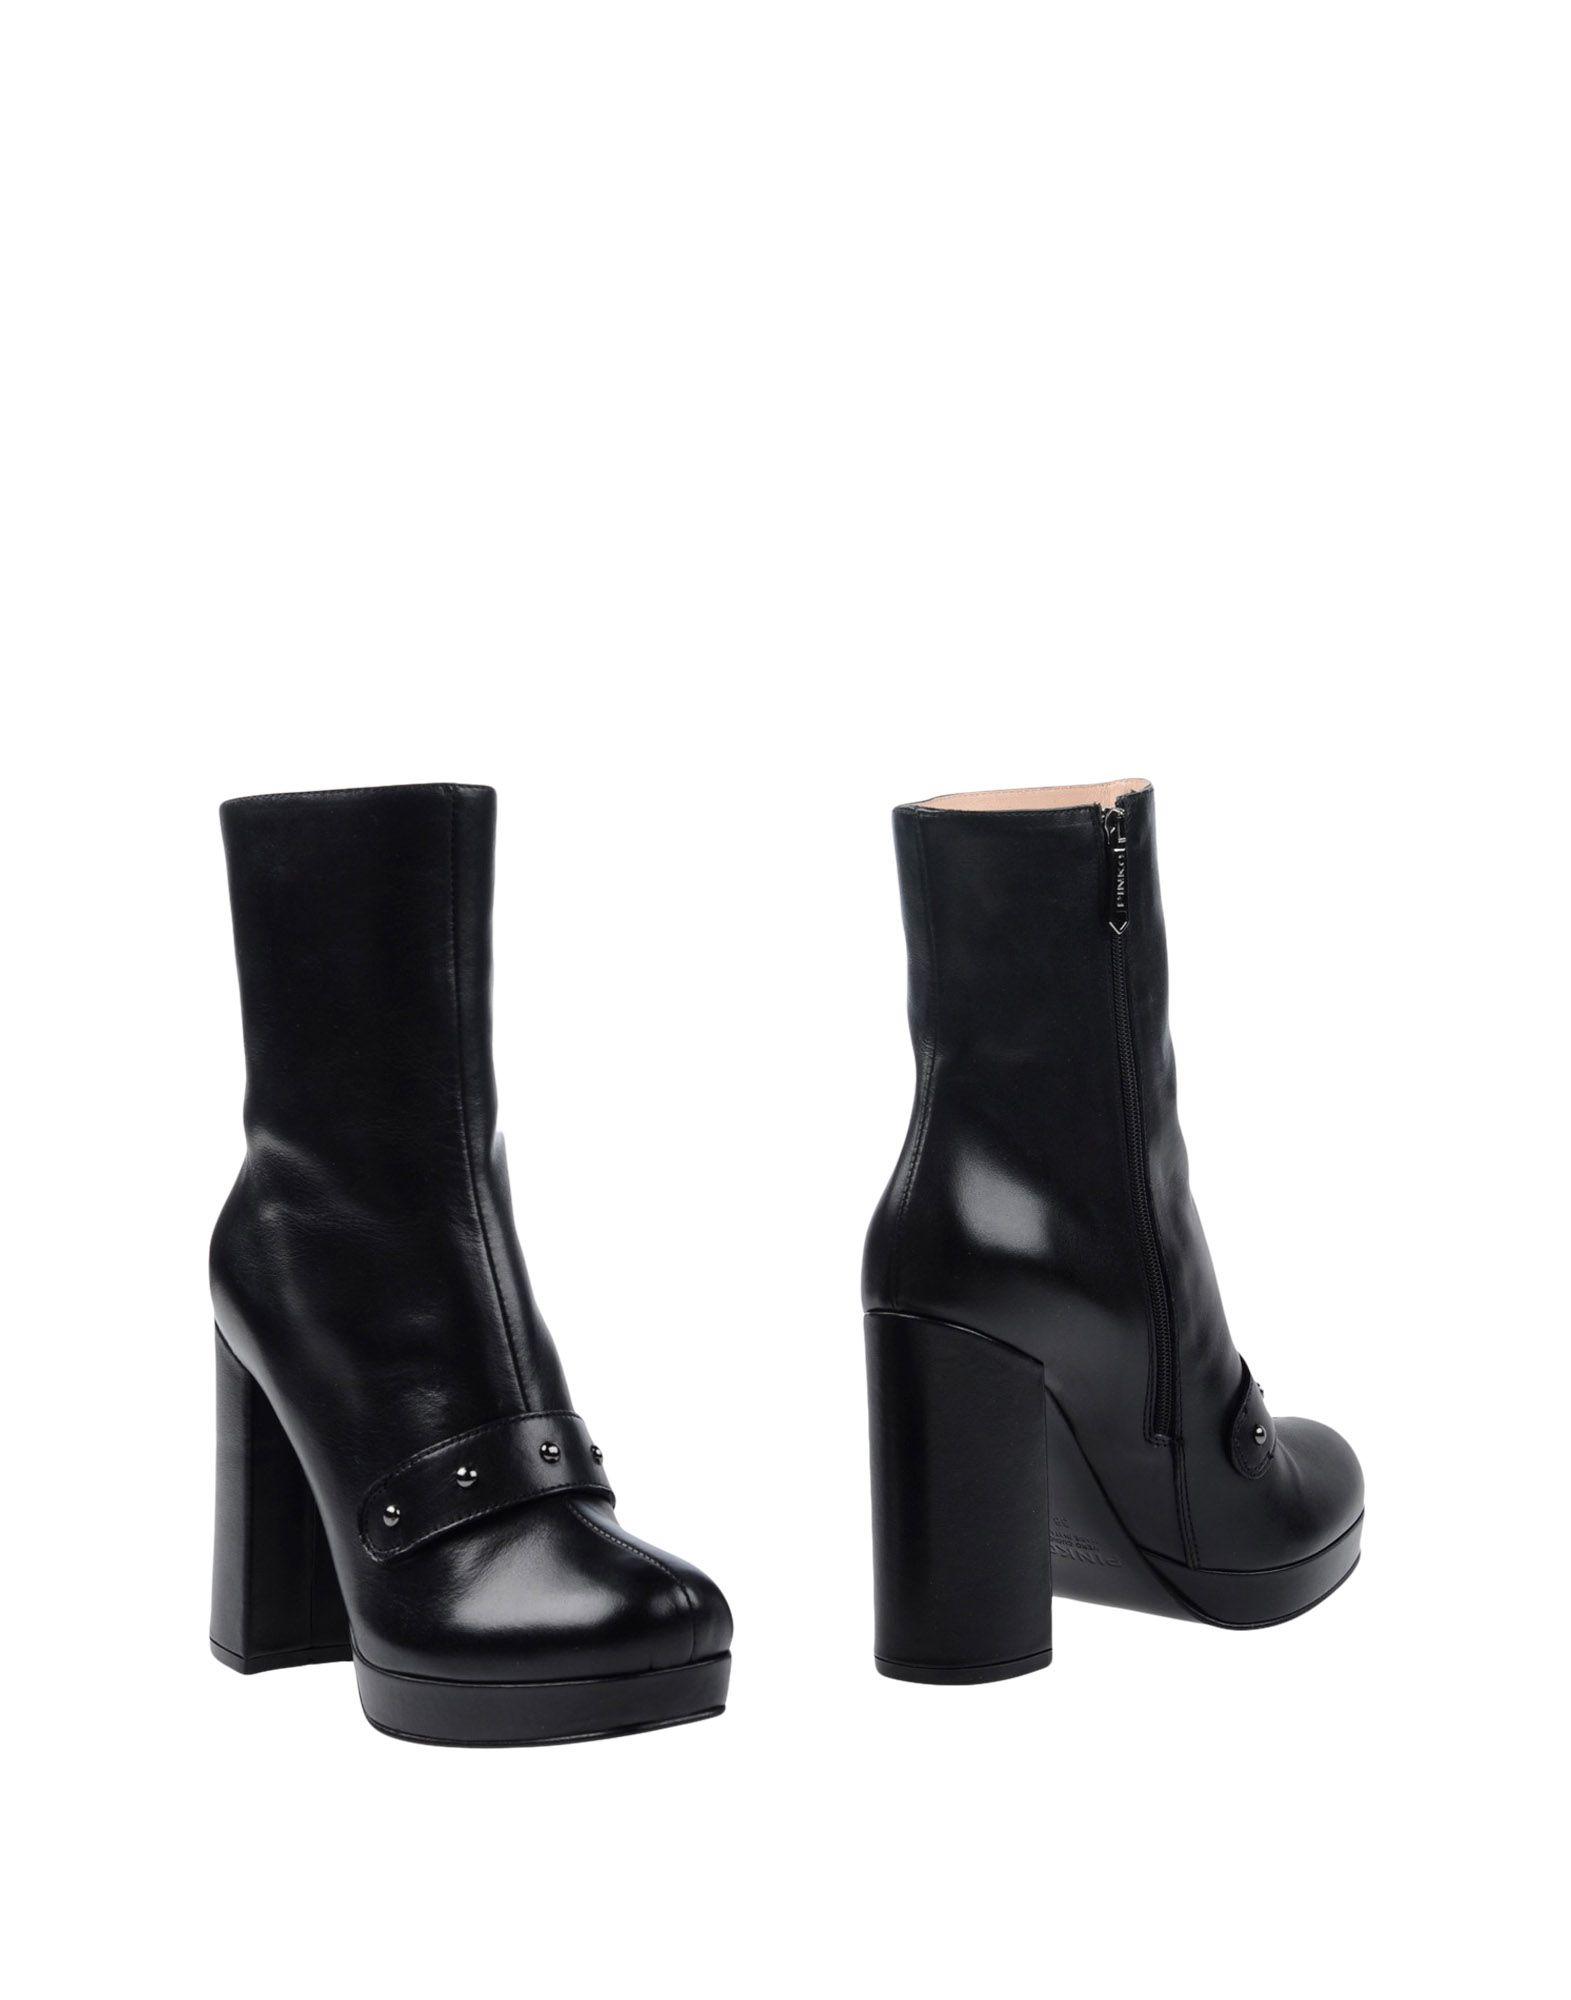 Pinko Stiefelette Damen  11262278WBGut aussehende strapazierfähige Schuhe